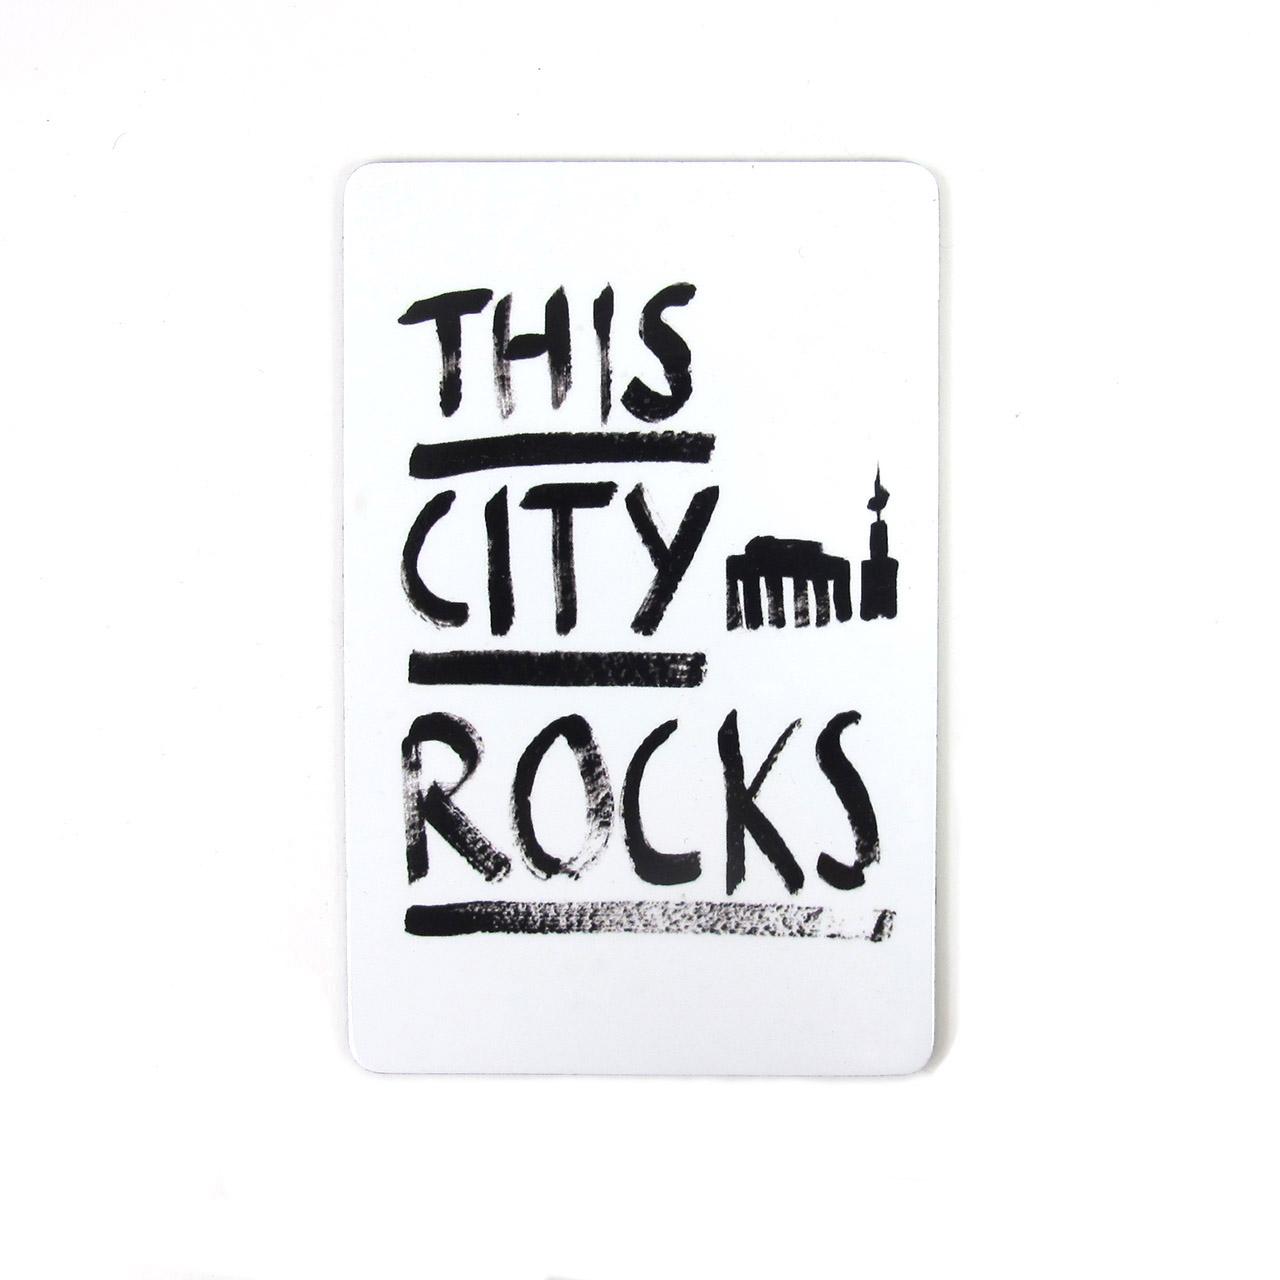 Berlinmagnet This City Rocks groß weiß